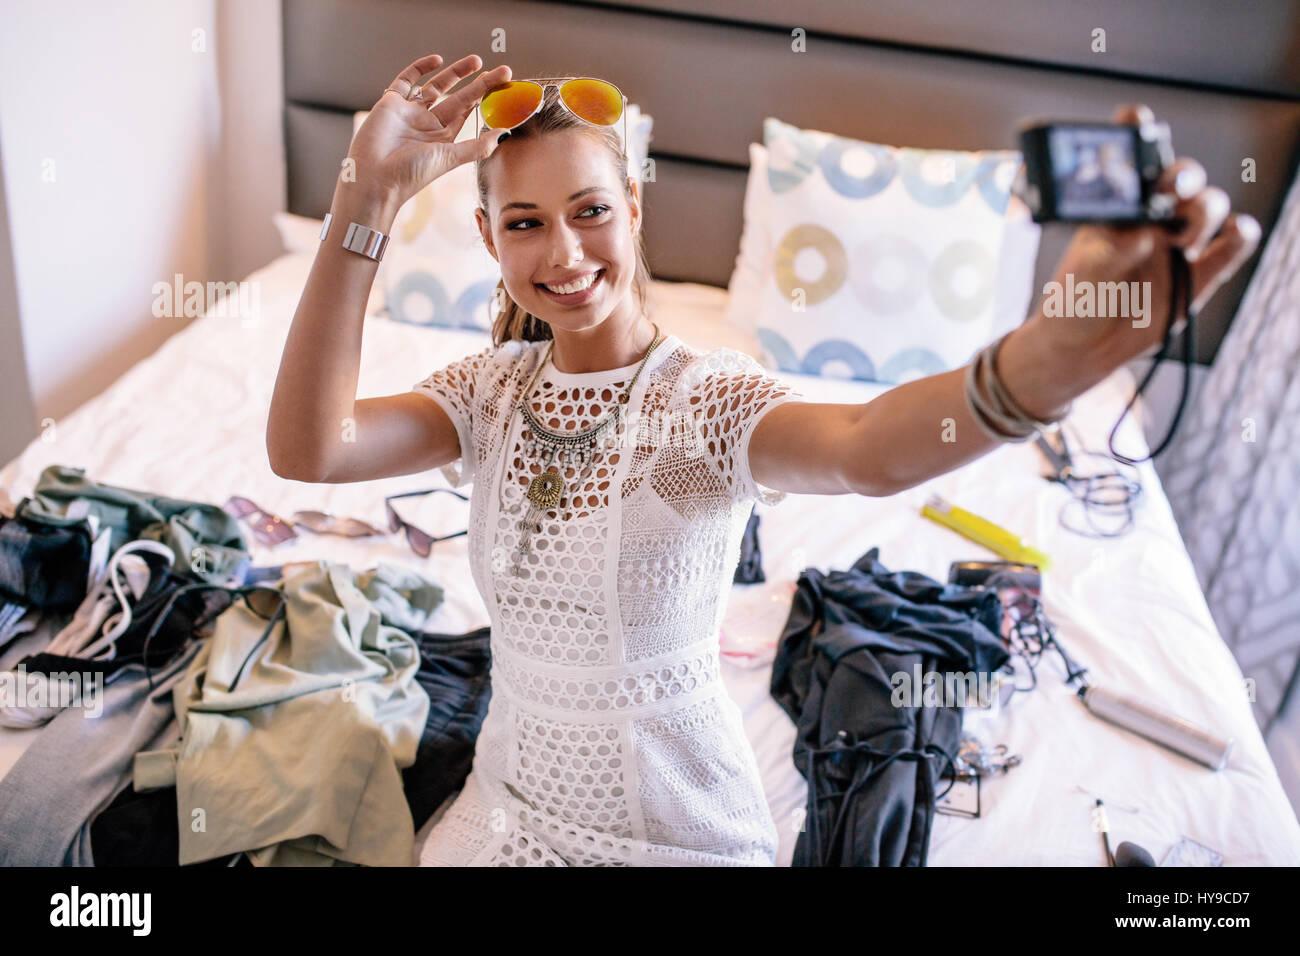 Weibliche Vloggerin Aufnahme ausgestrahlt mit Digitalkamera. Frau, die eine Selfie Video Anzeigen von Mode und Schmuck. Stockbild